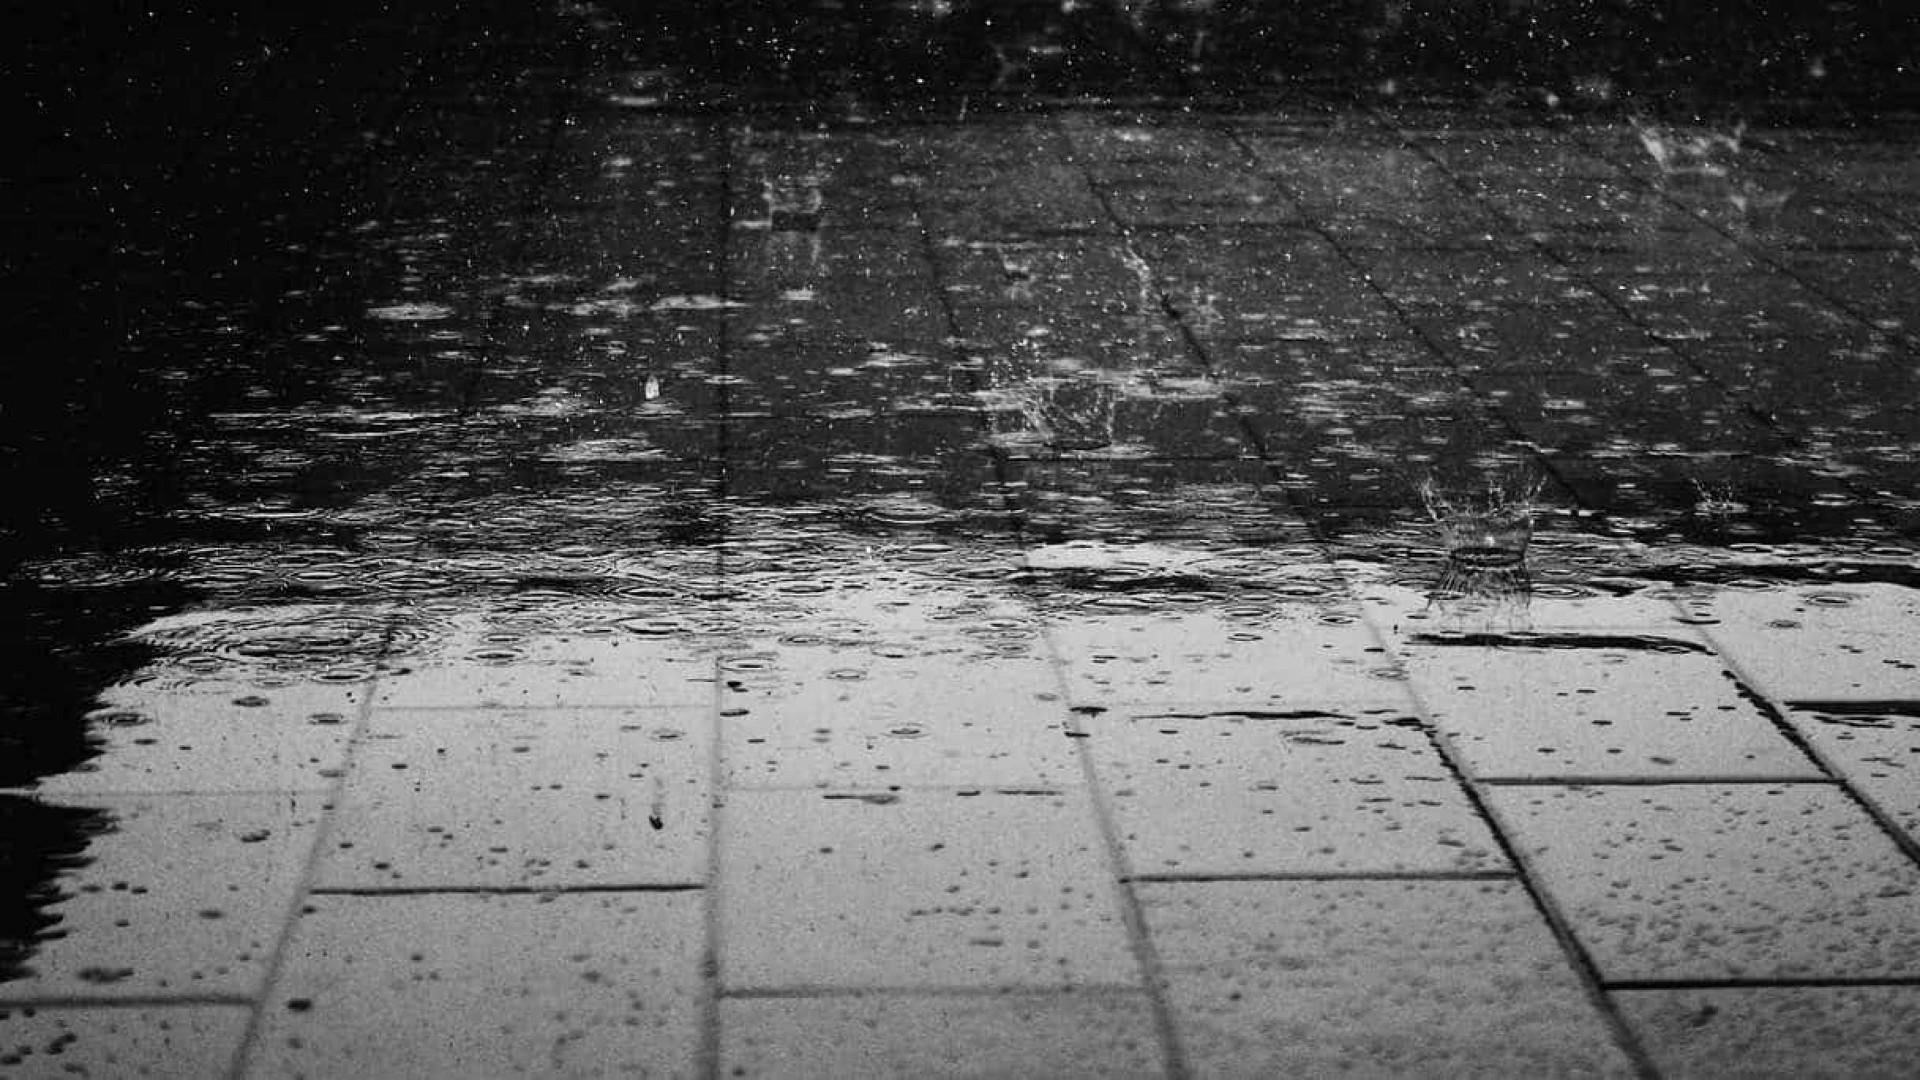 Raio causa pana no Inmet e afeta previsão do tempo